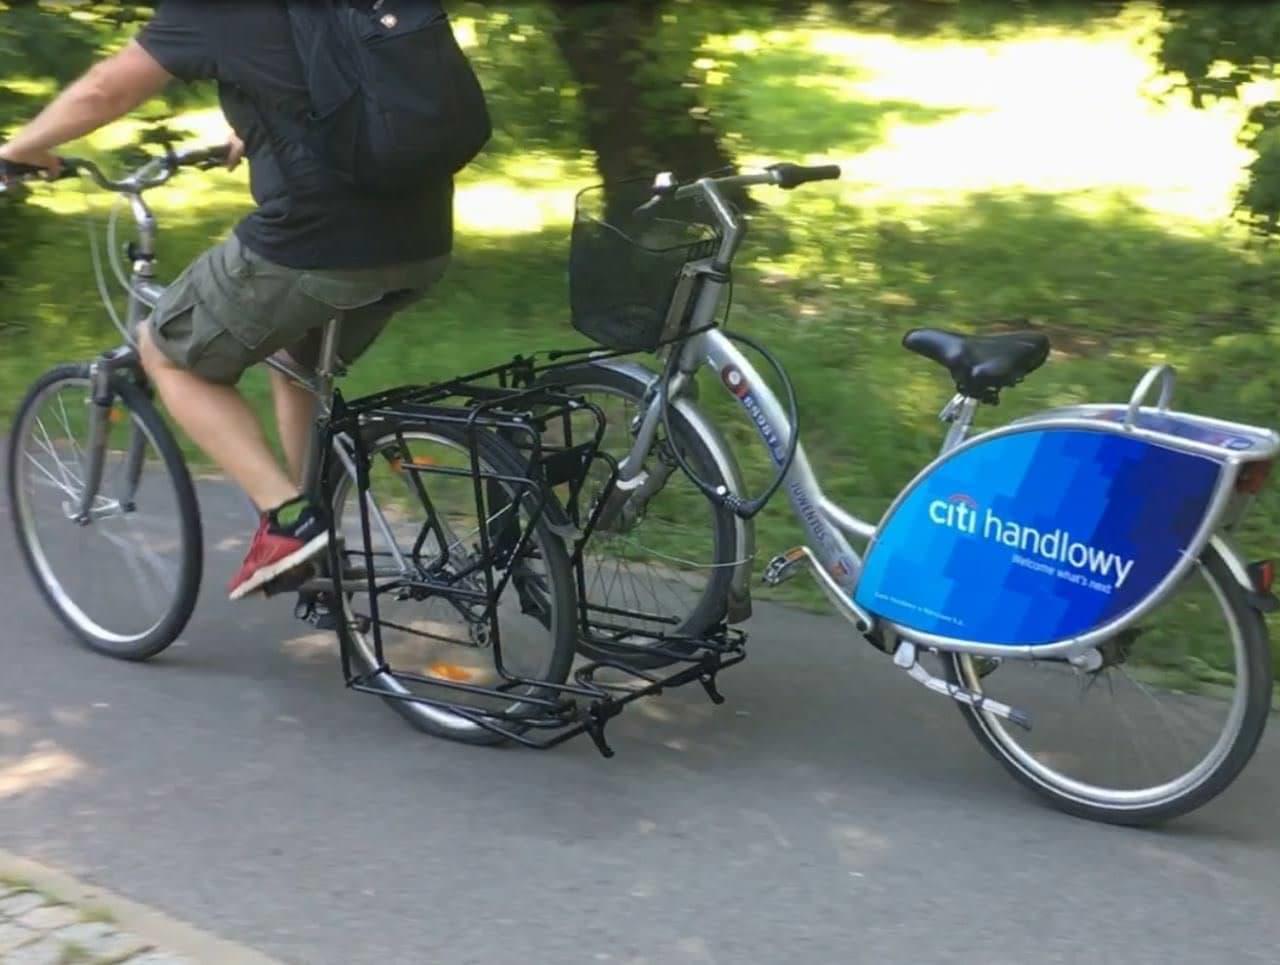 自転車で自転車を牽引 ― Exozox「BIKE TOW」